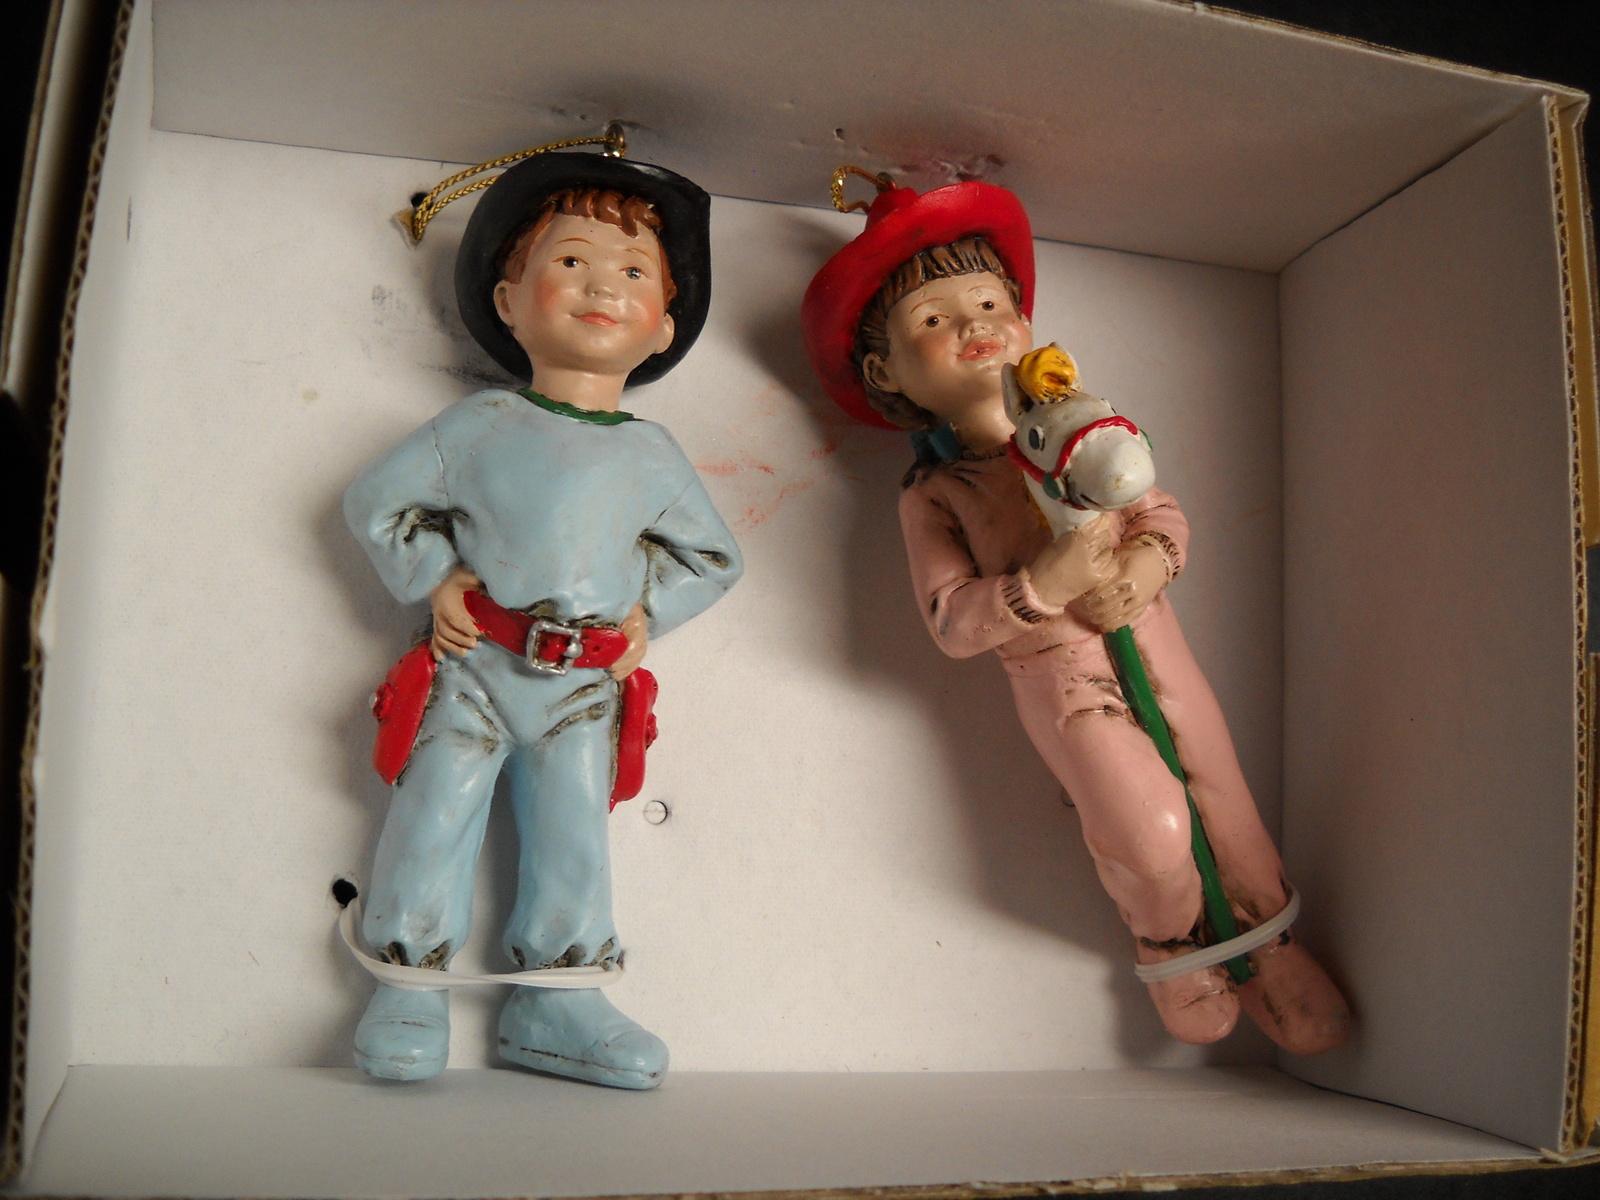 Kurt S Adler Christmas Ornament Dillard's Trimmings Cowboy Kids in Pajamas Boxed